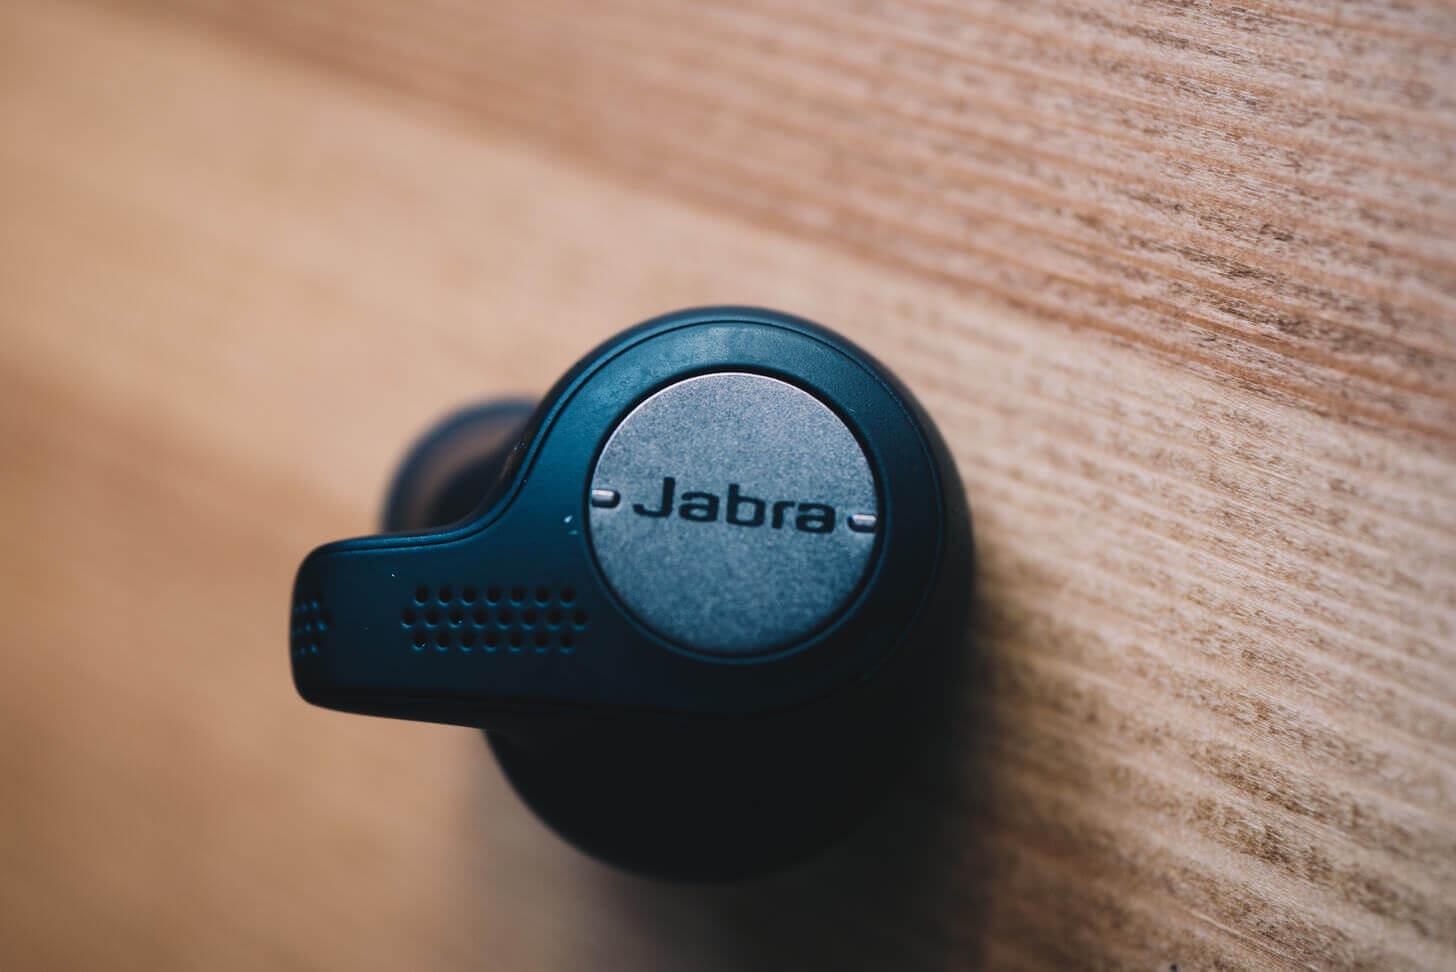 Jabra wireless earphone8